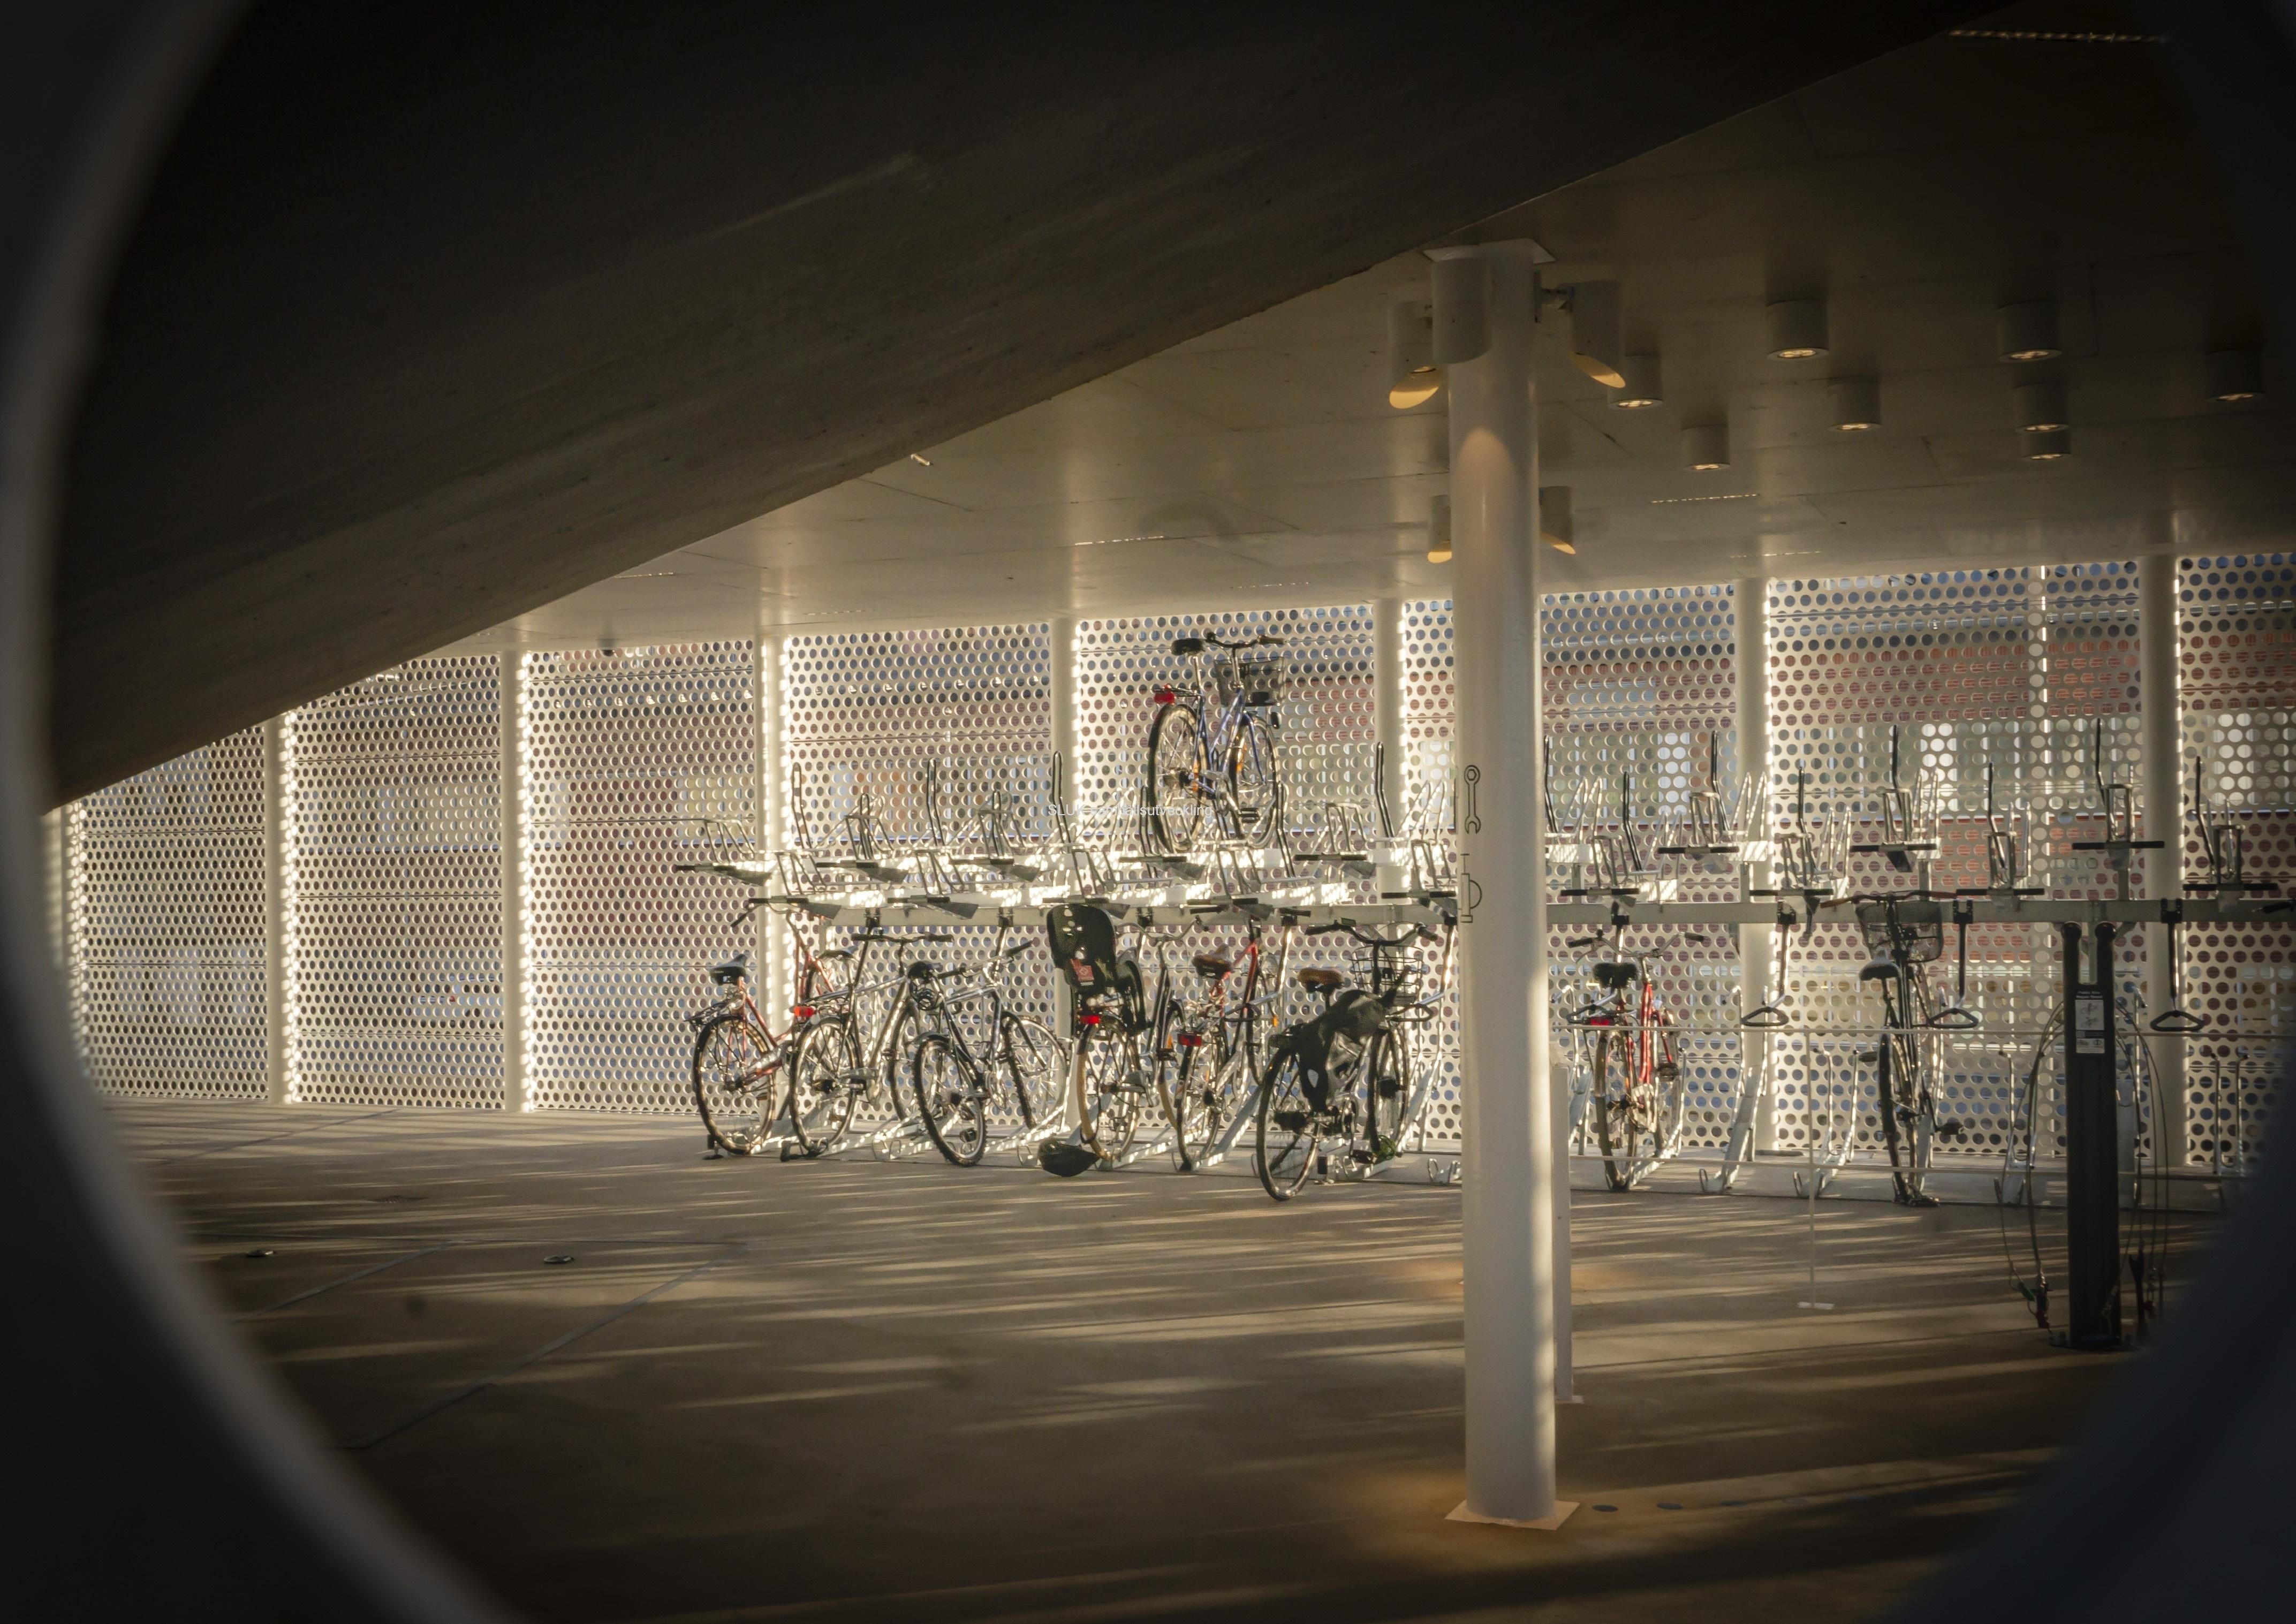 Cykelgaraget var i princip tomt. Kan det bero på restriktionerna att vi inte ska åka kollektivt och därför använder man heller inte möjligheterna att cykla och pendla med spårvagnen?